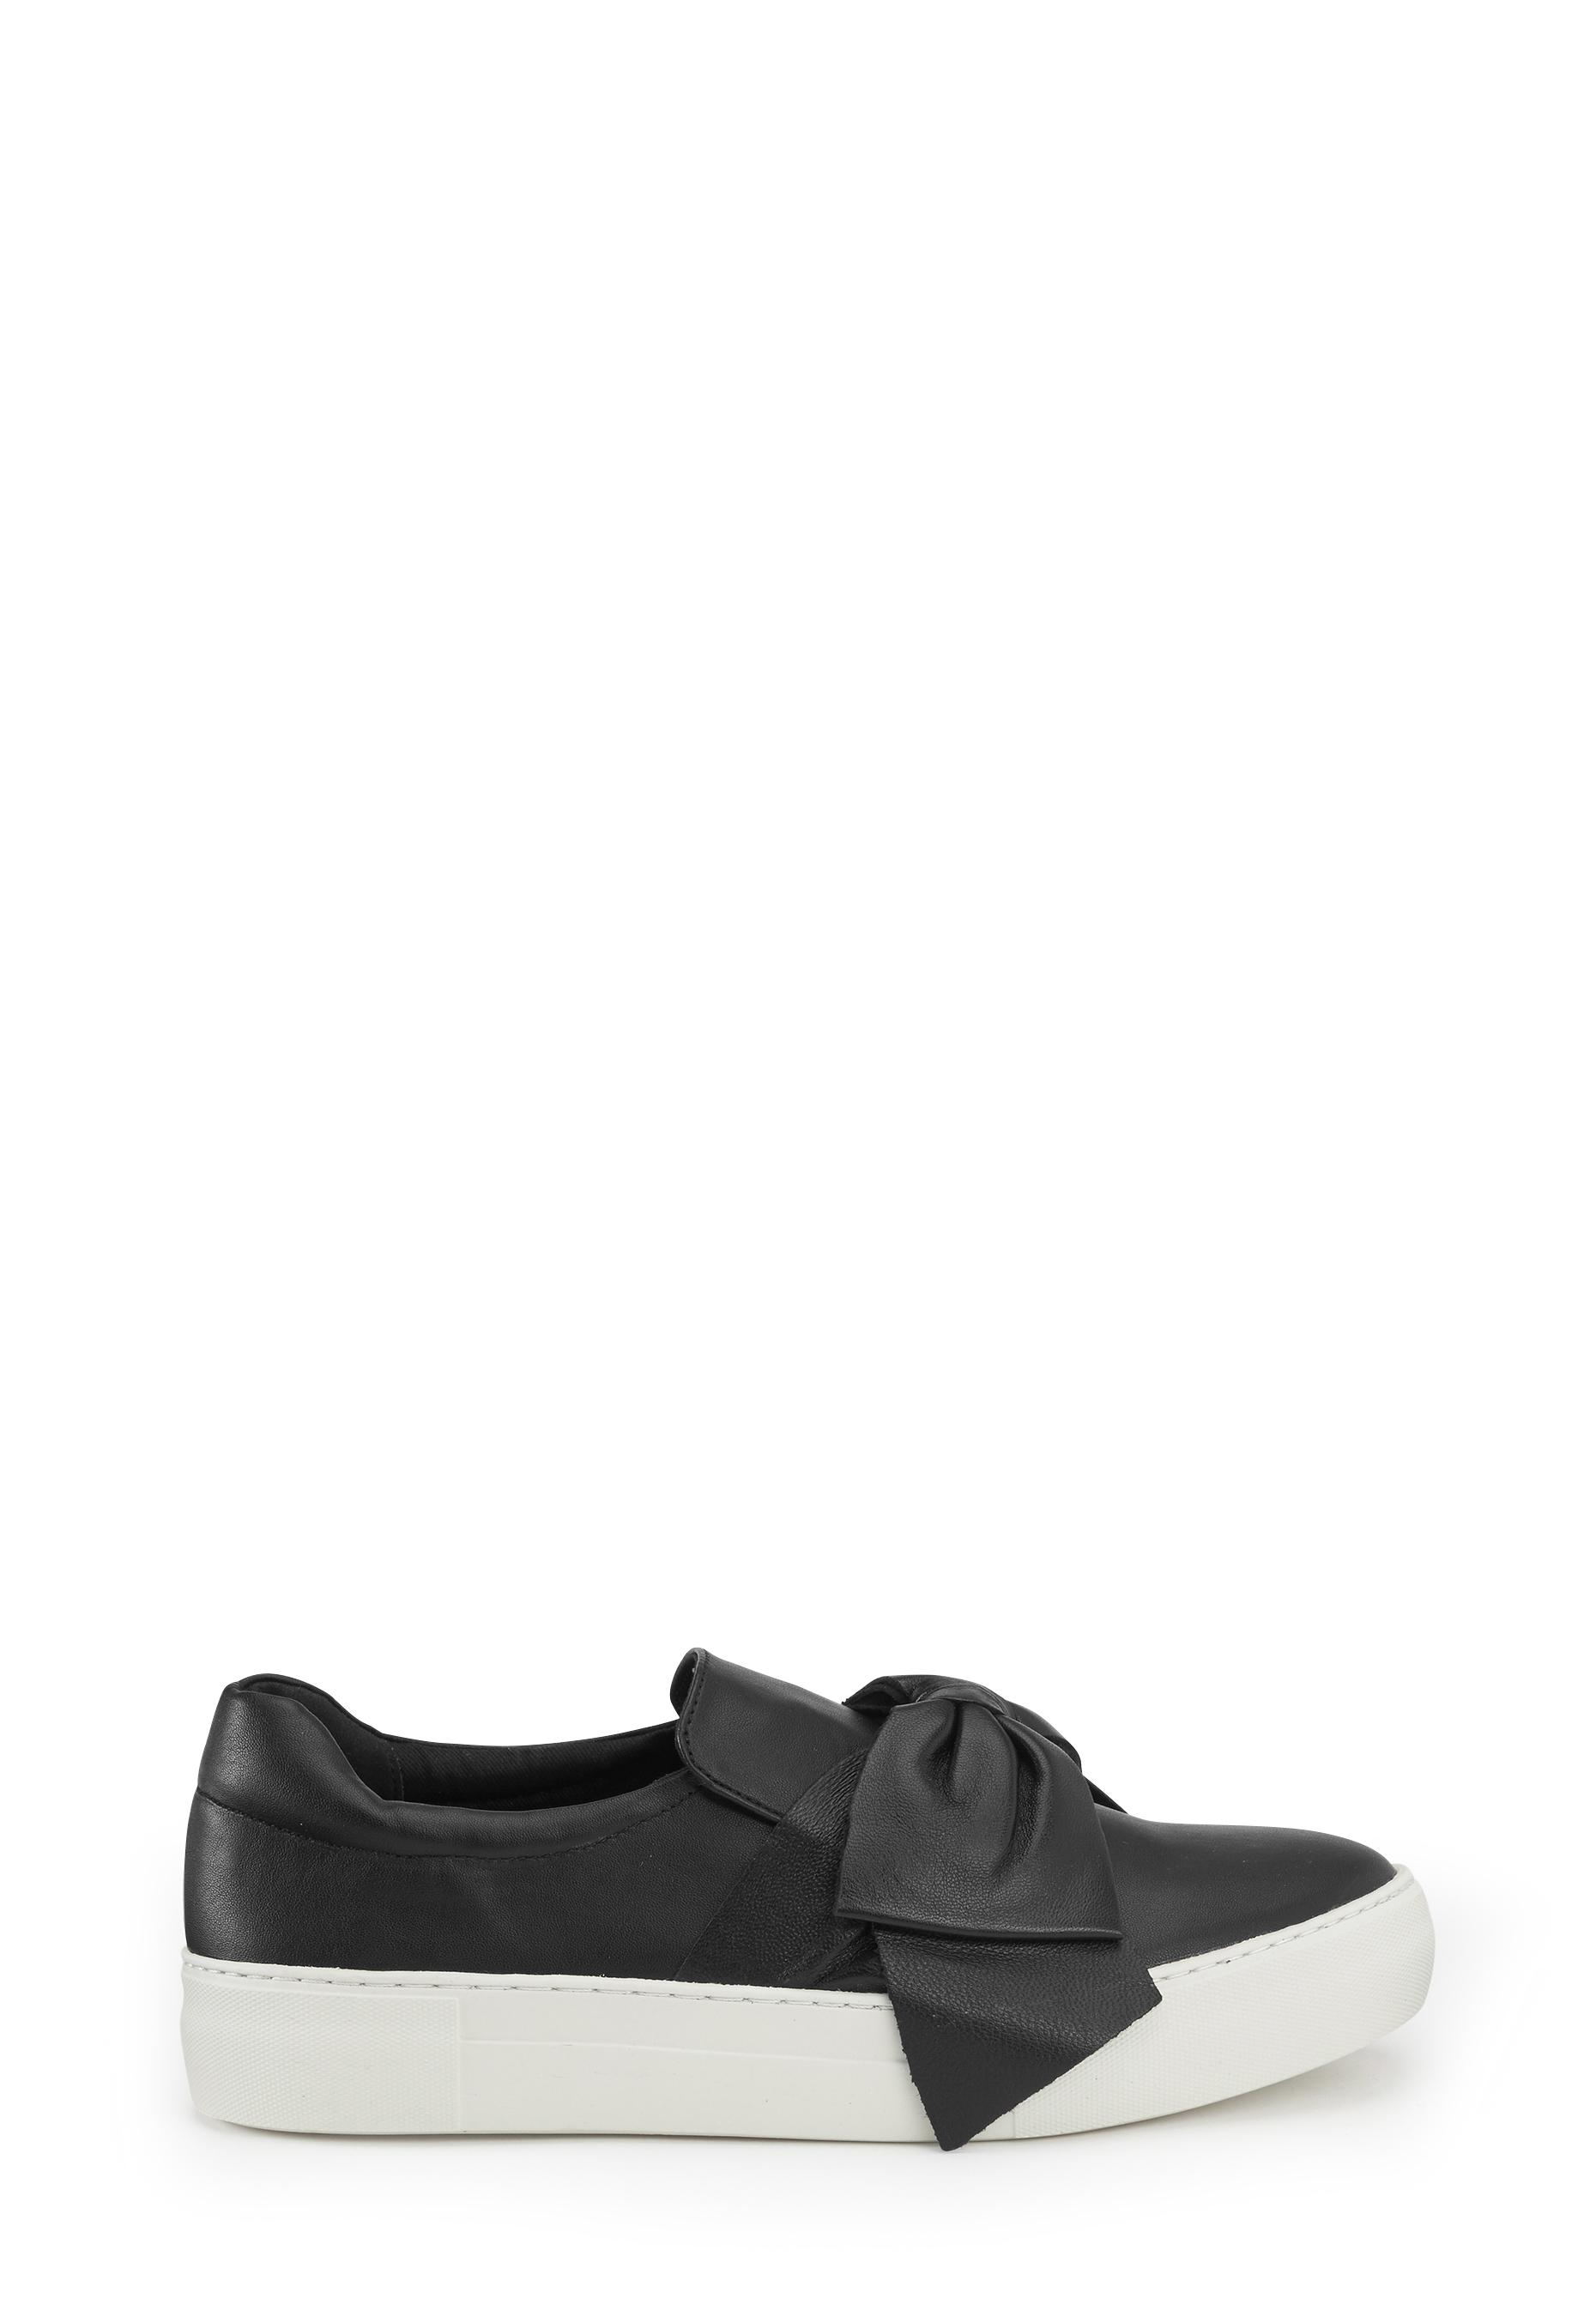 Steve Madden Empire Slip-on Shoes Black